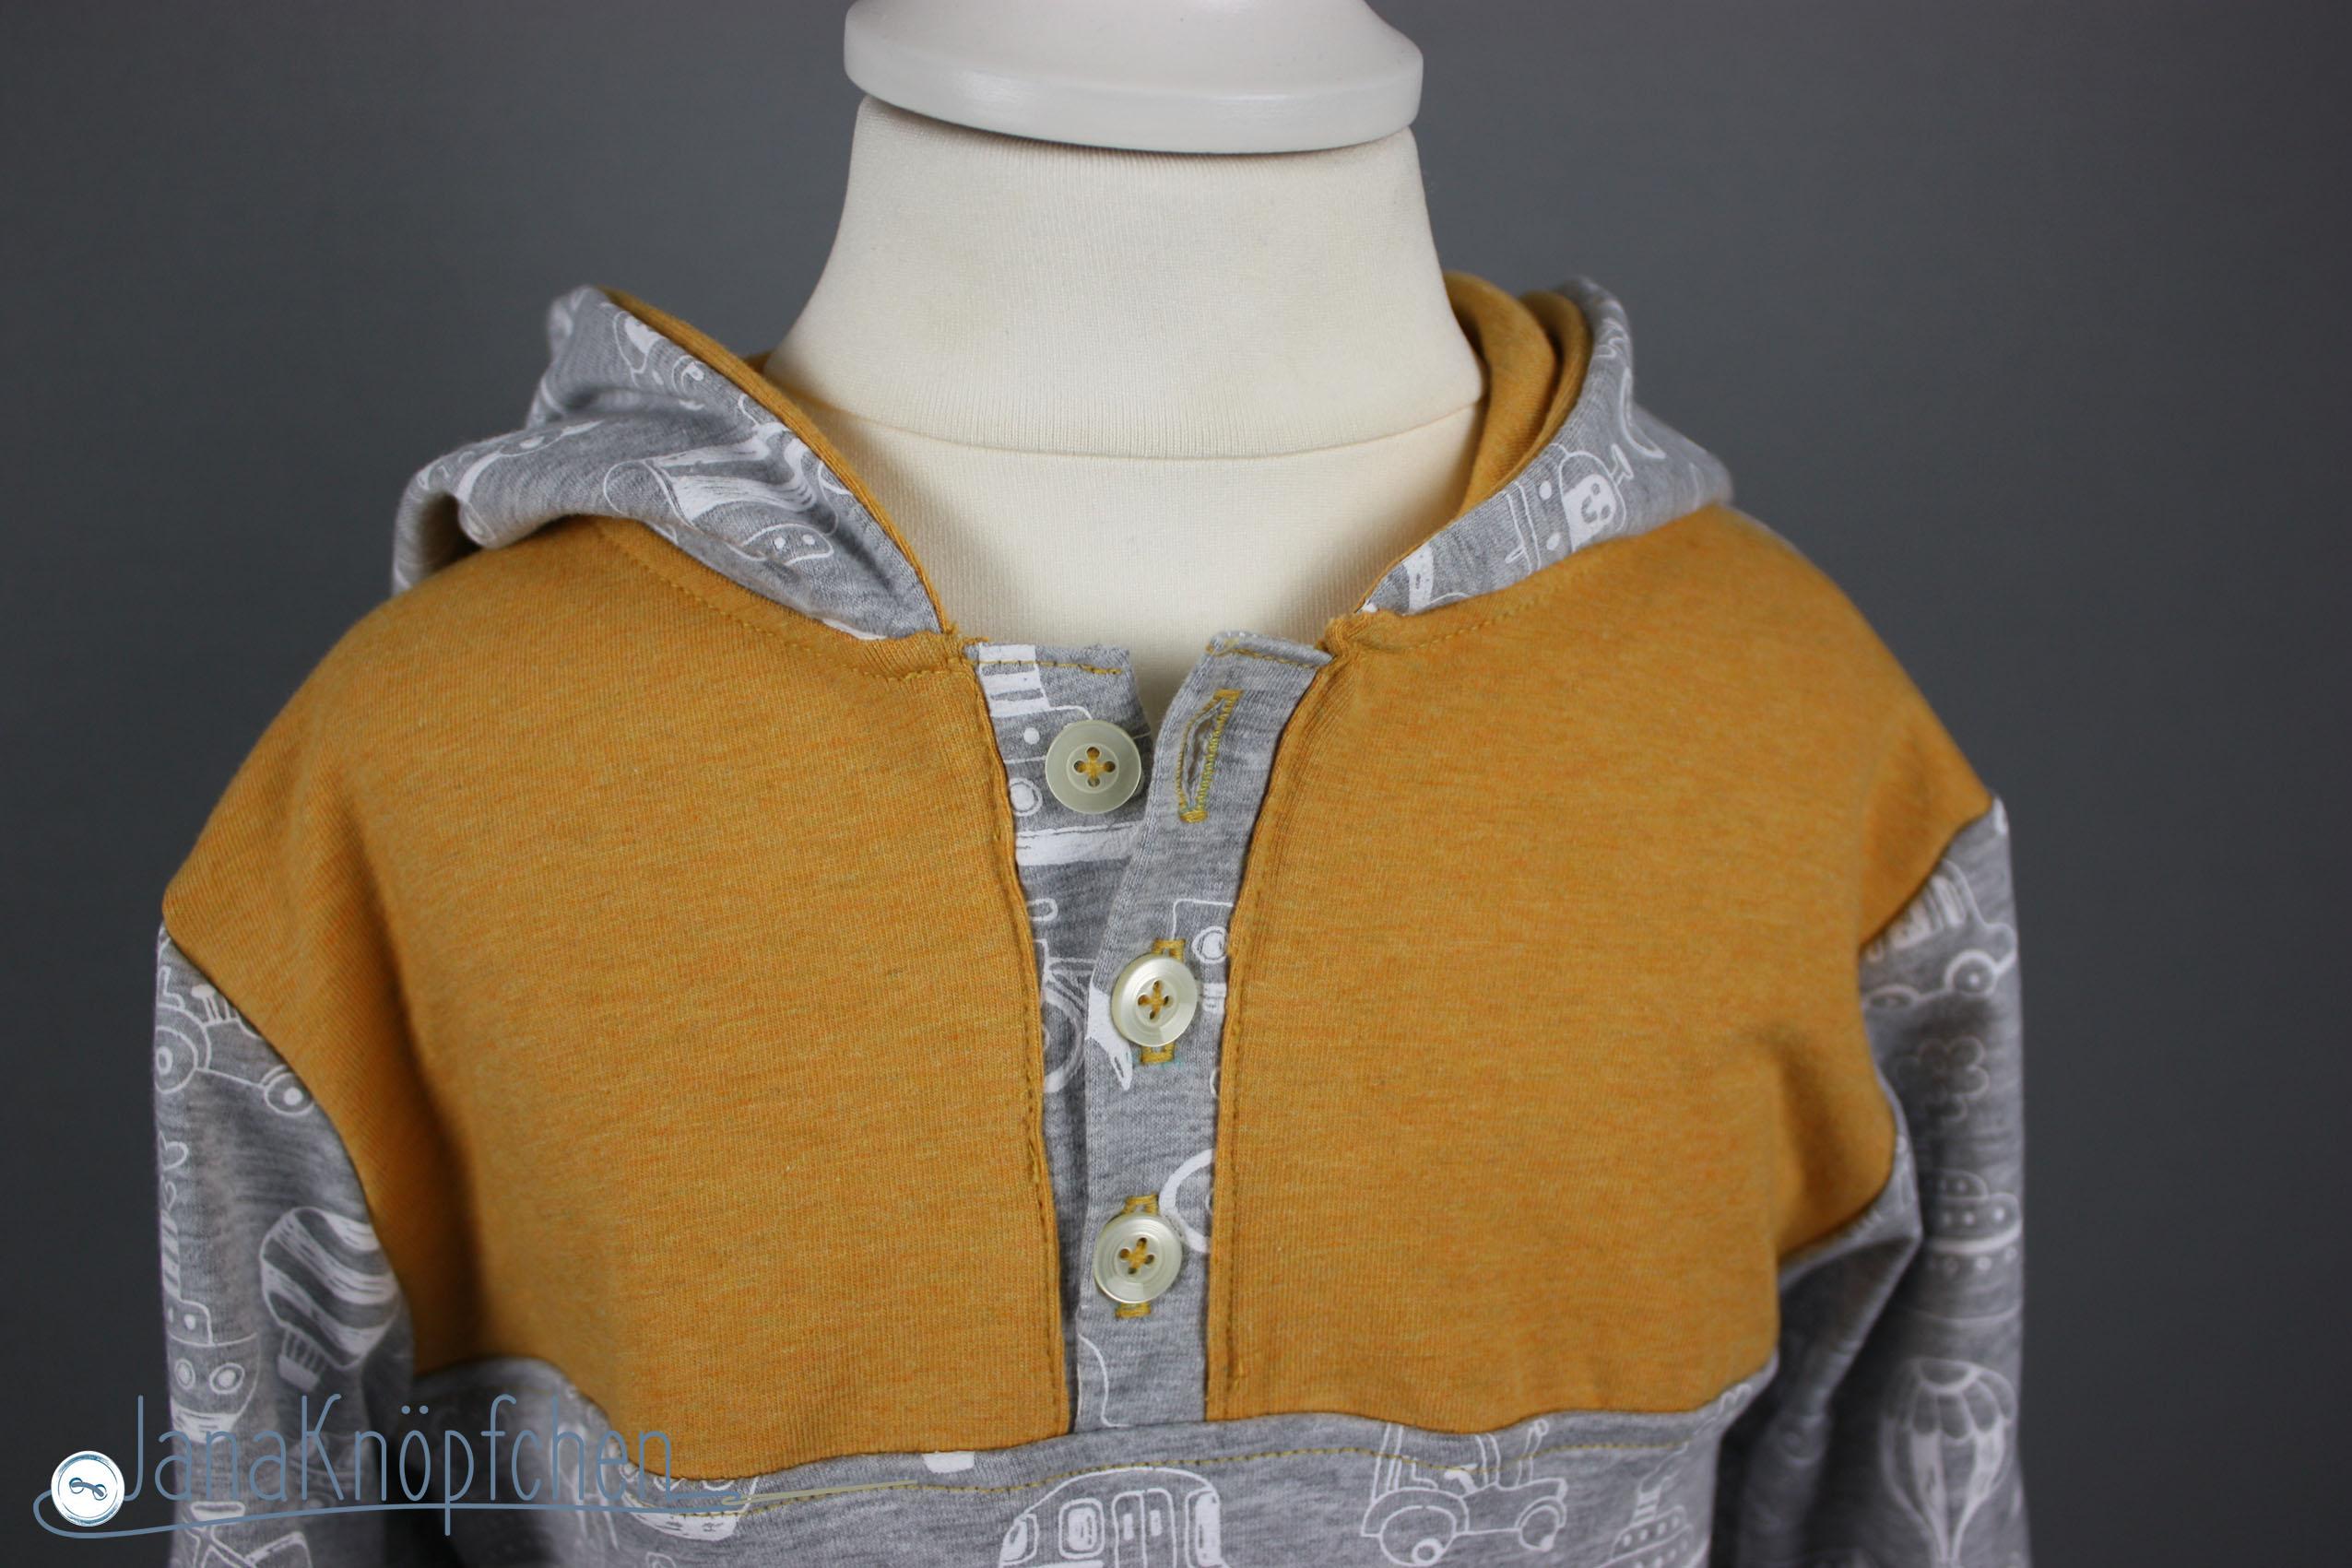 Knopfleiste an hoodie naehen. janaknoepfchen. nähblog - nähen für jungs